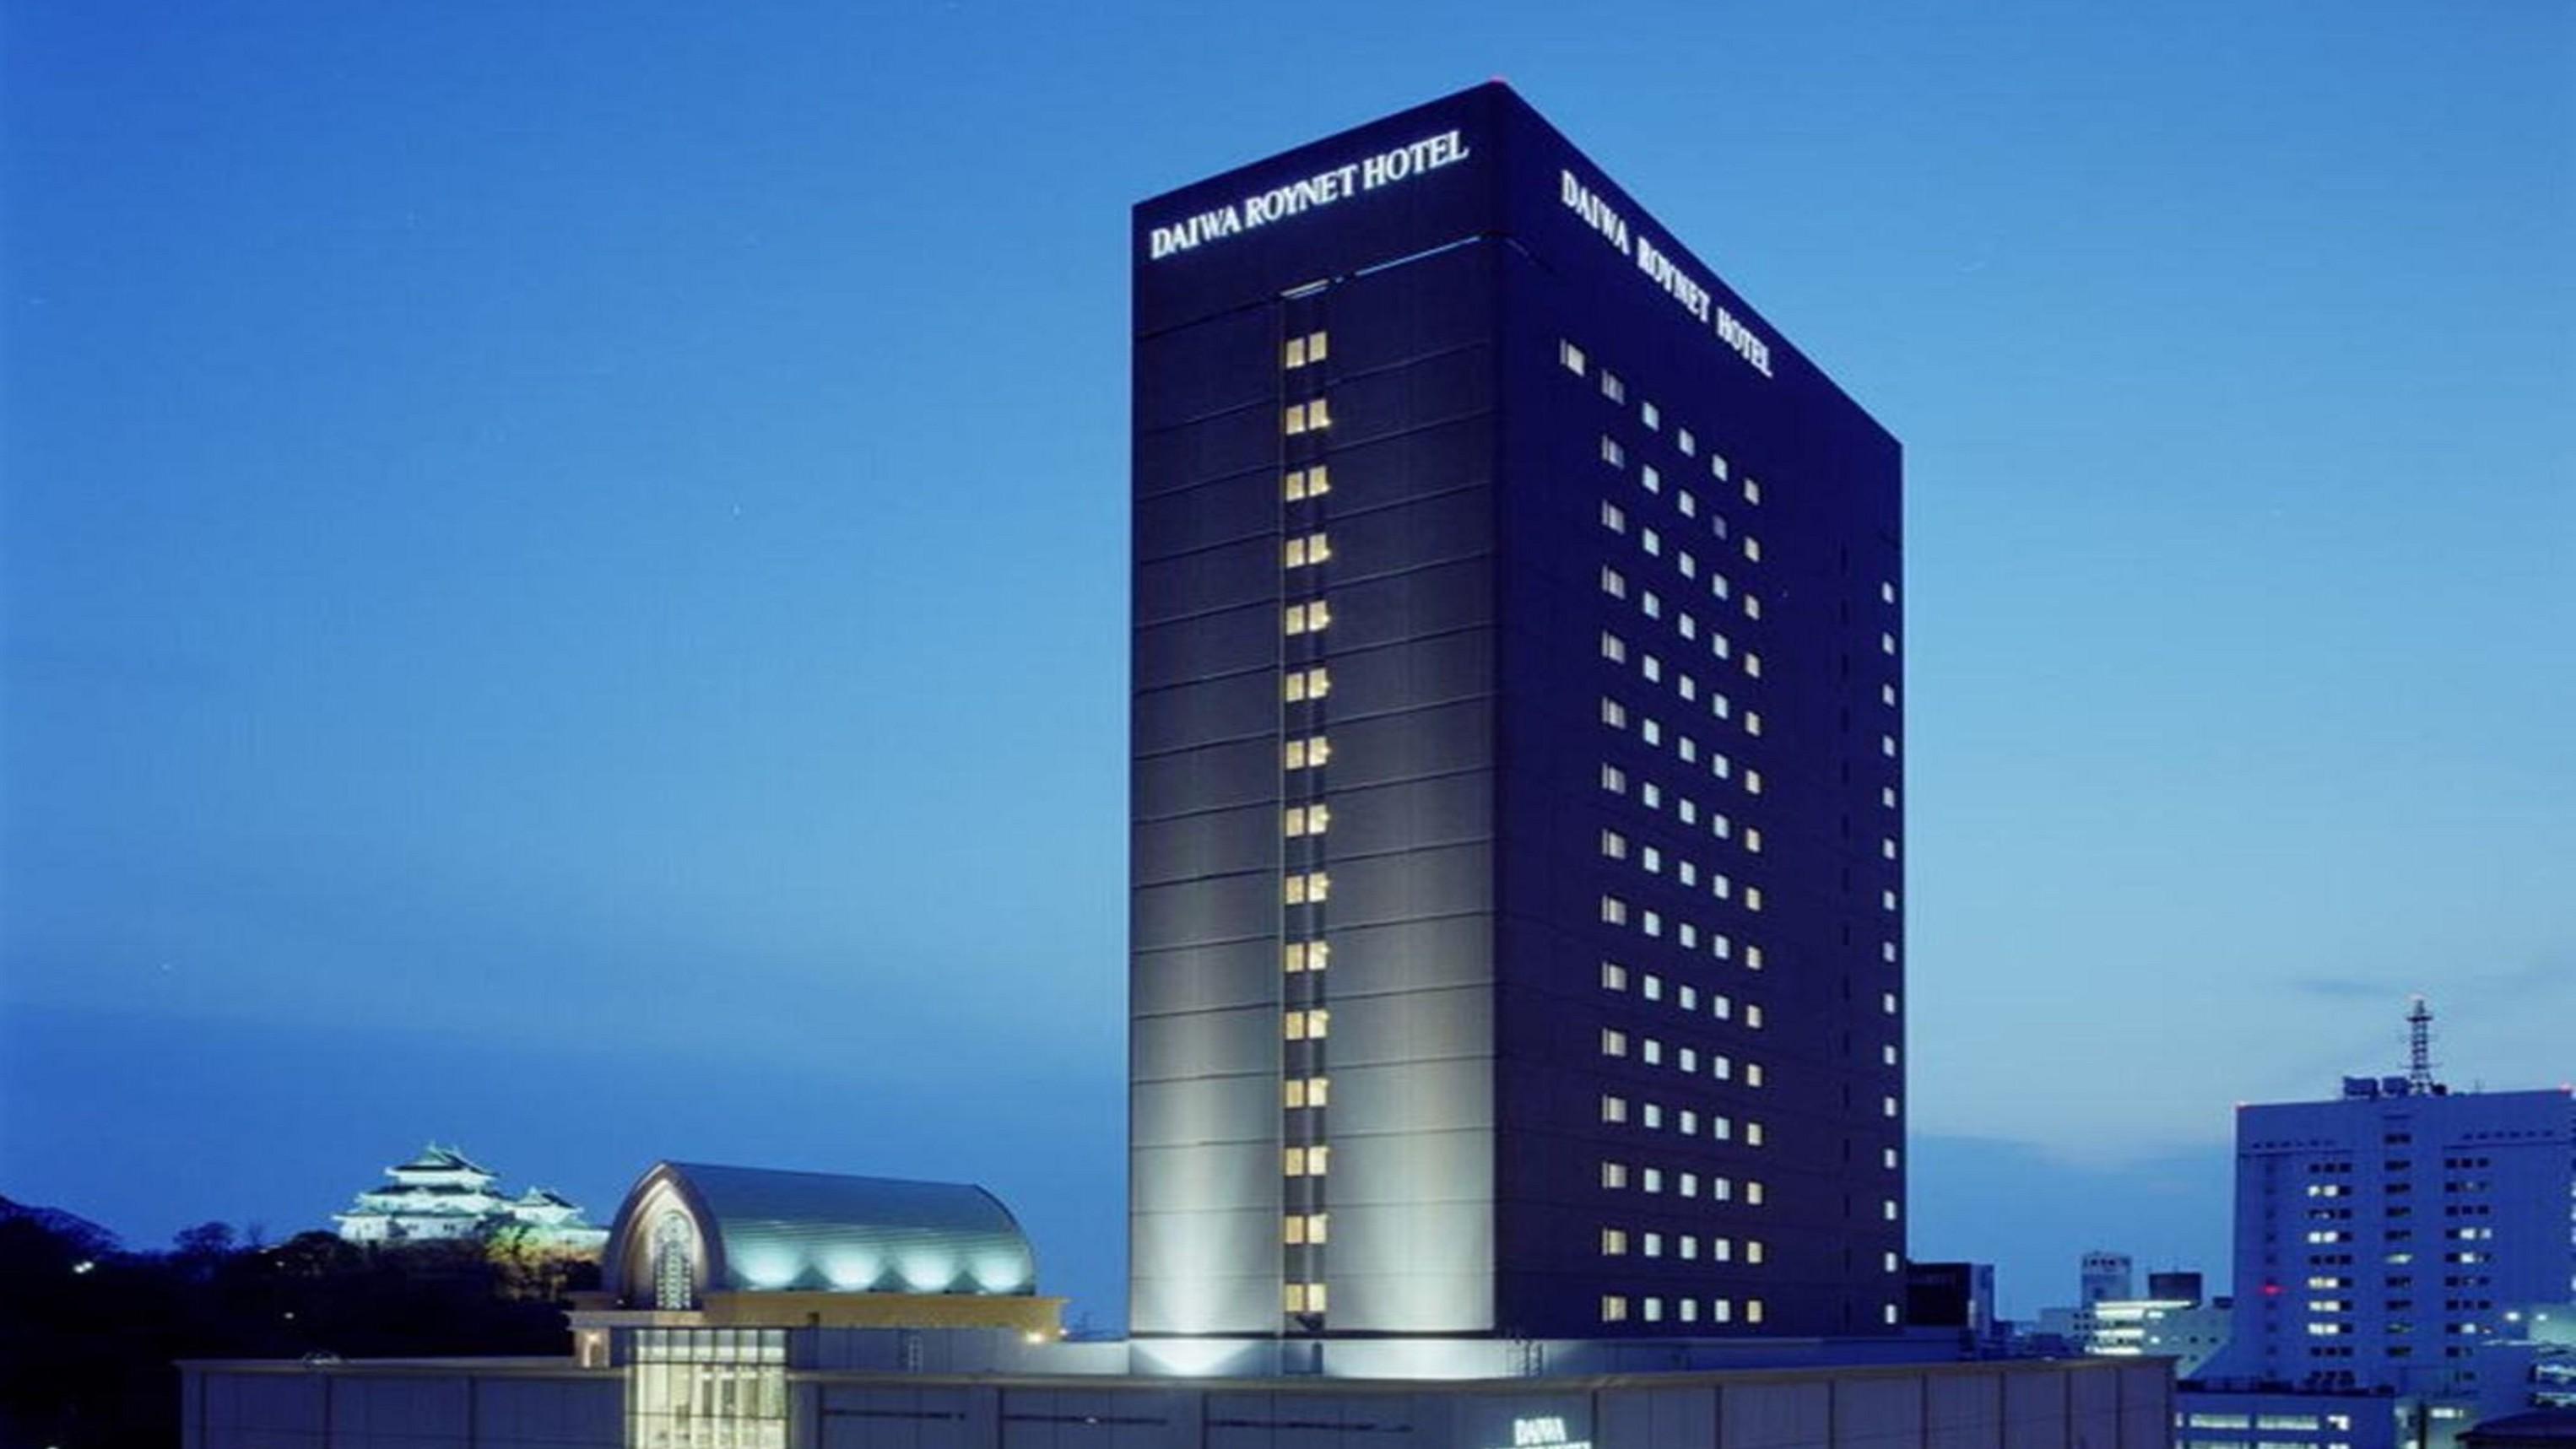 ダイワ ロイネットホテル和歌山◆楽天トラベル